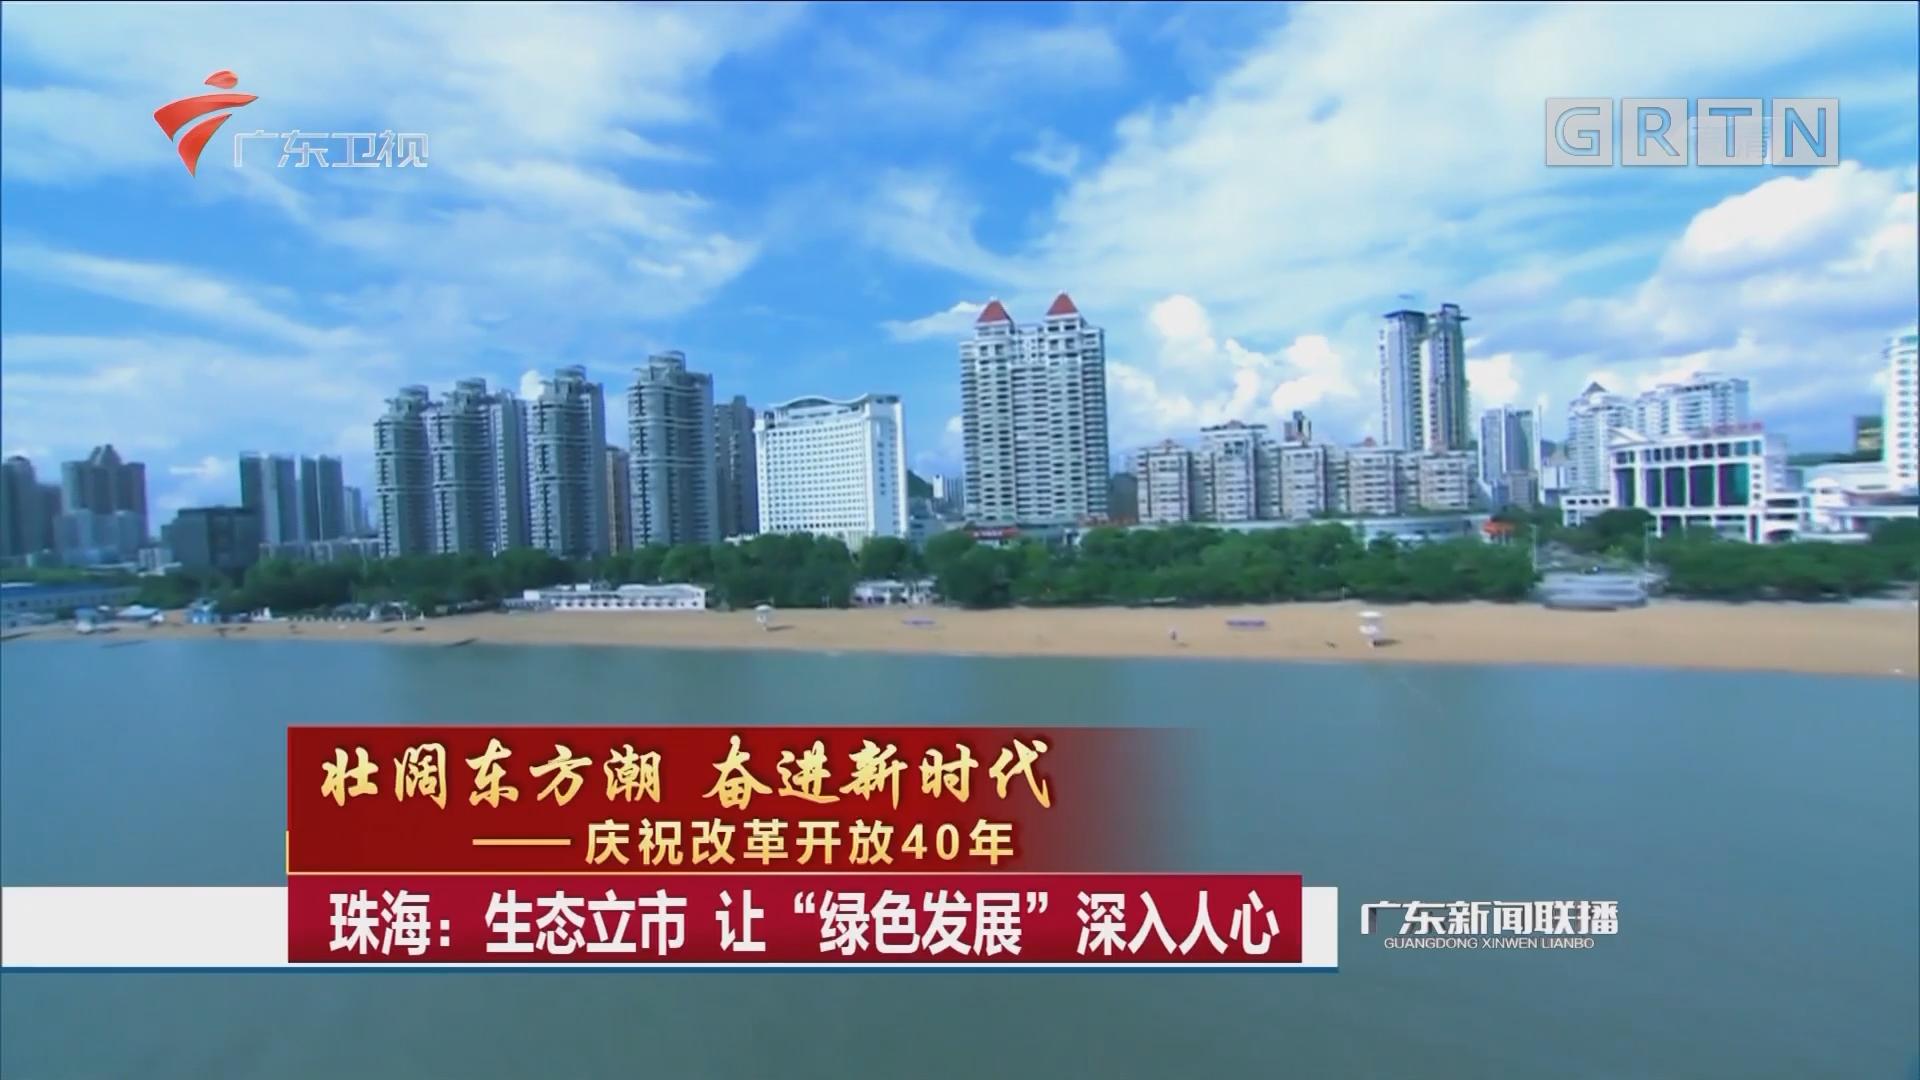 """珠海:生态立市 让""""绿色发展"""" 深入人心"""